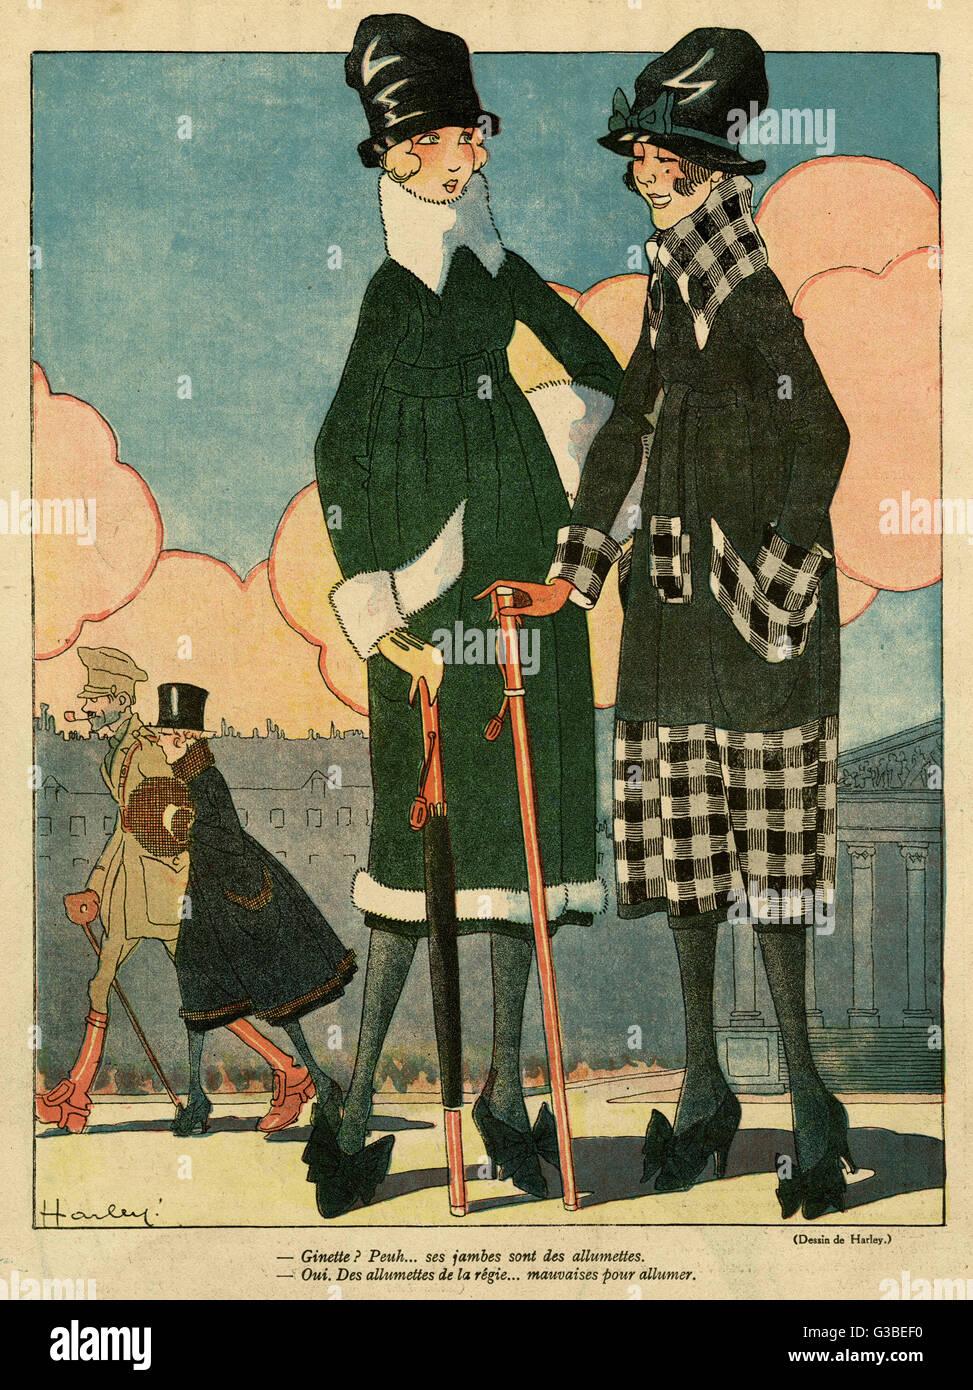 Die Silhouette am Ende des Jahrzehnts: Röcke haben weniger voll, aber schmalen Saum, Taille-Linien bleiben Stockbild